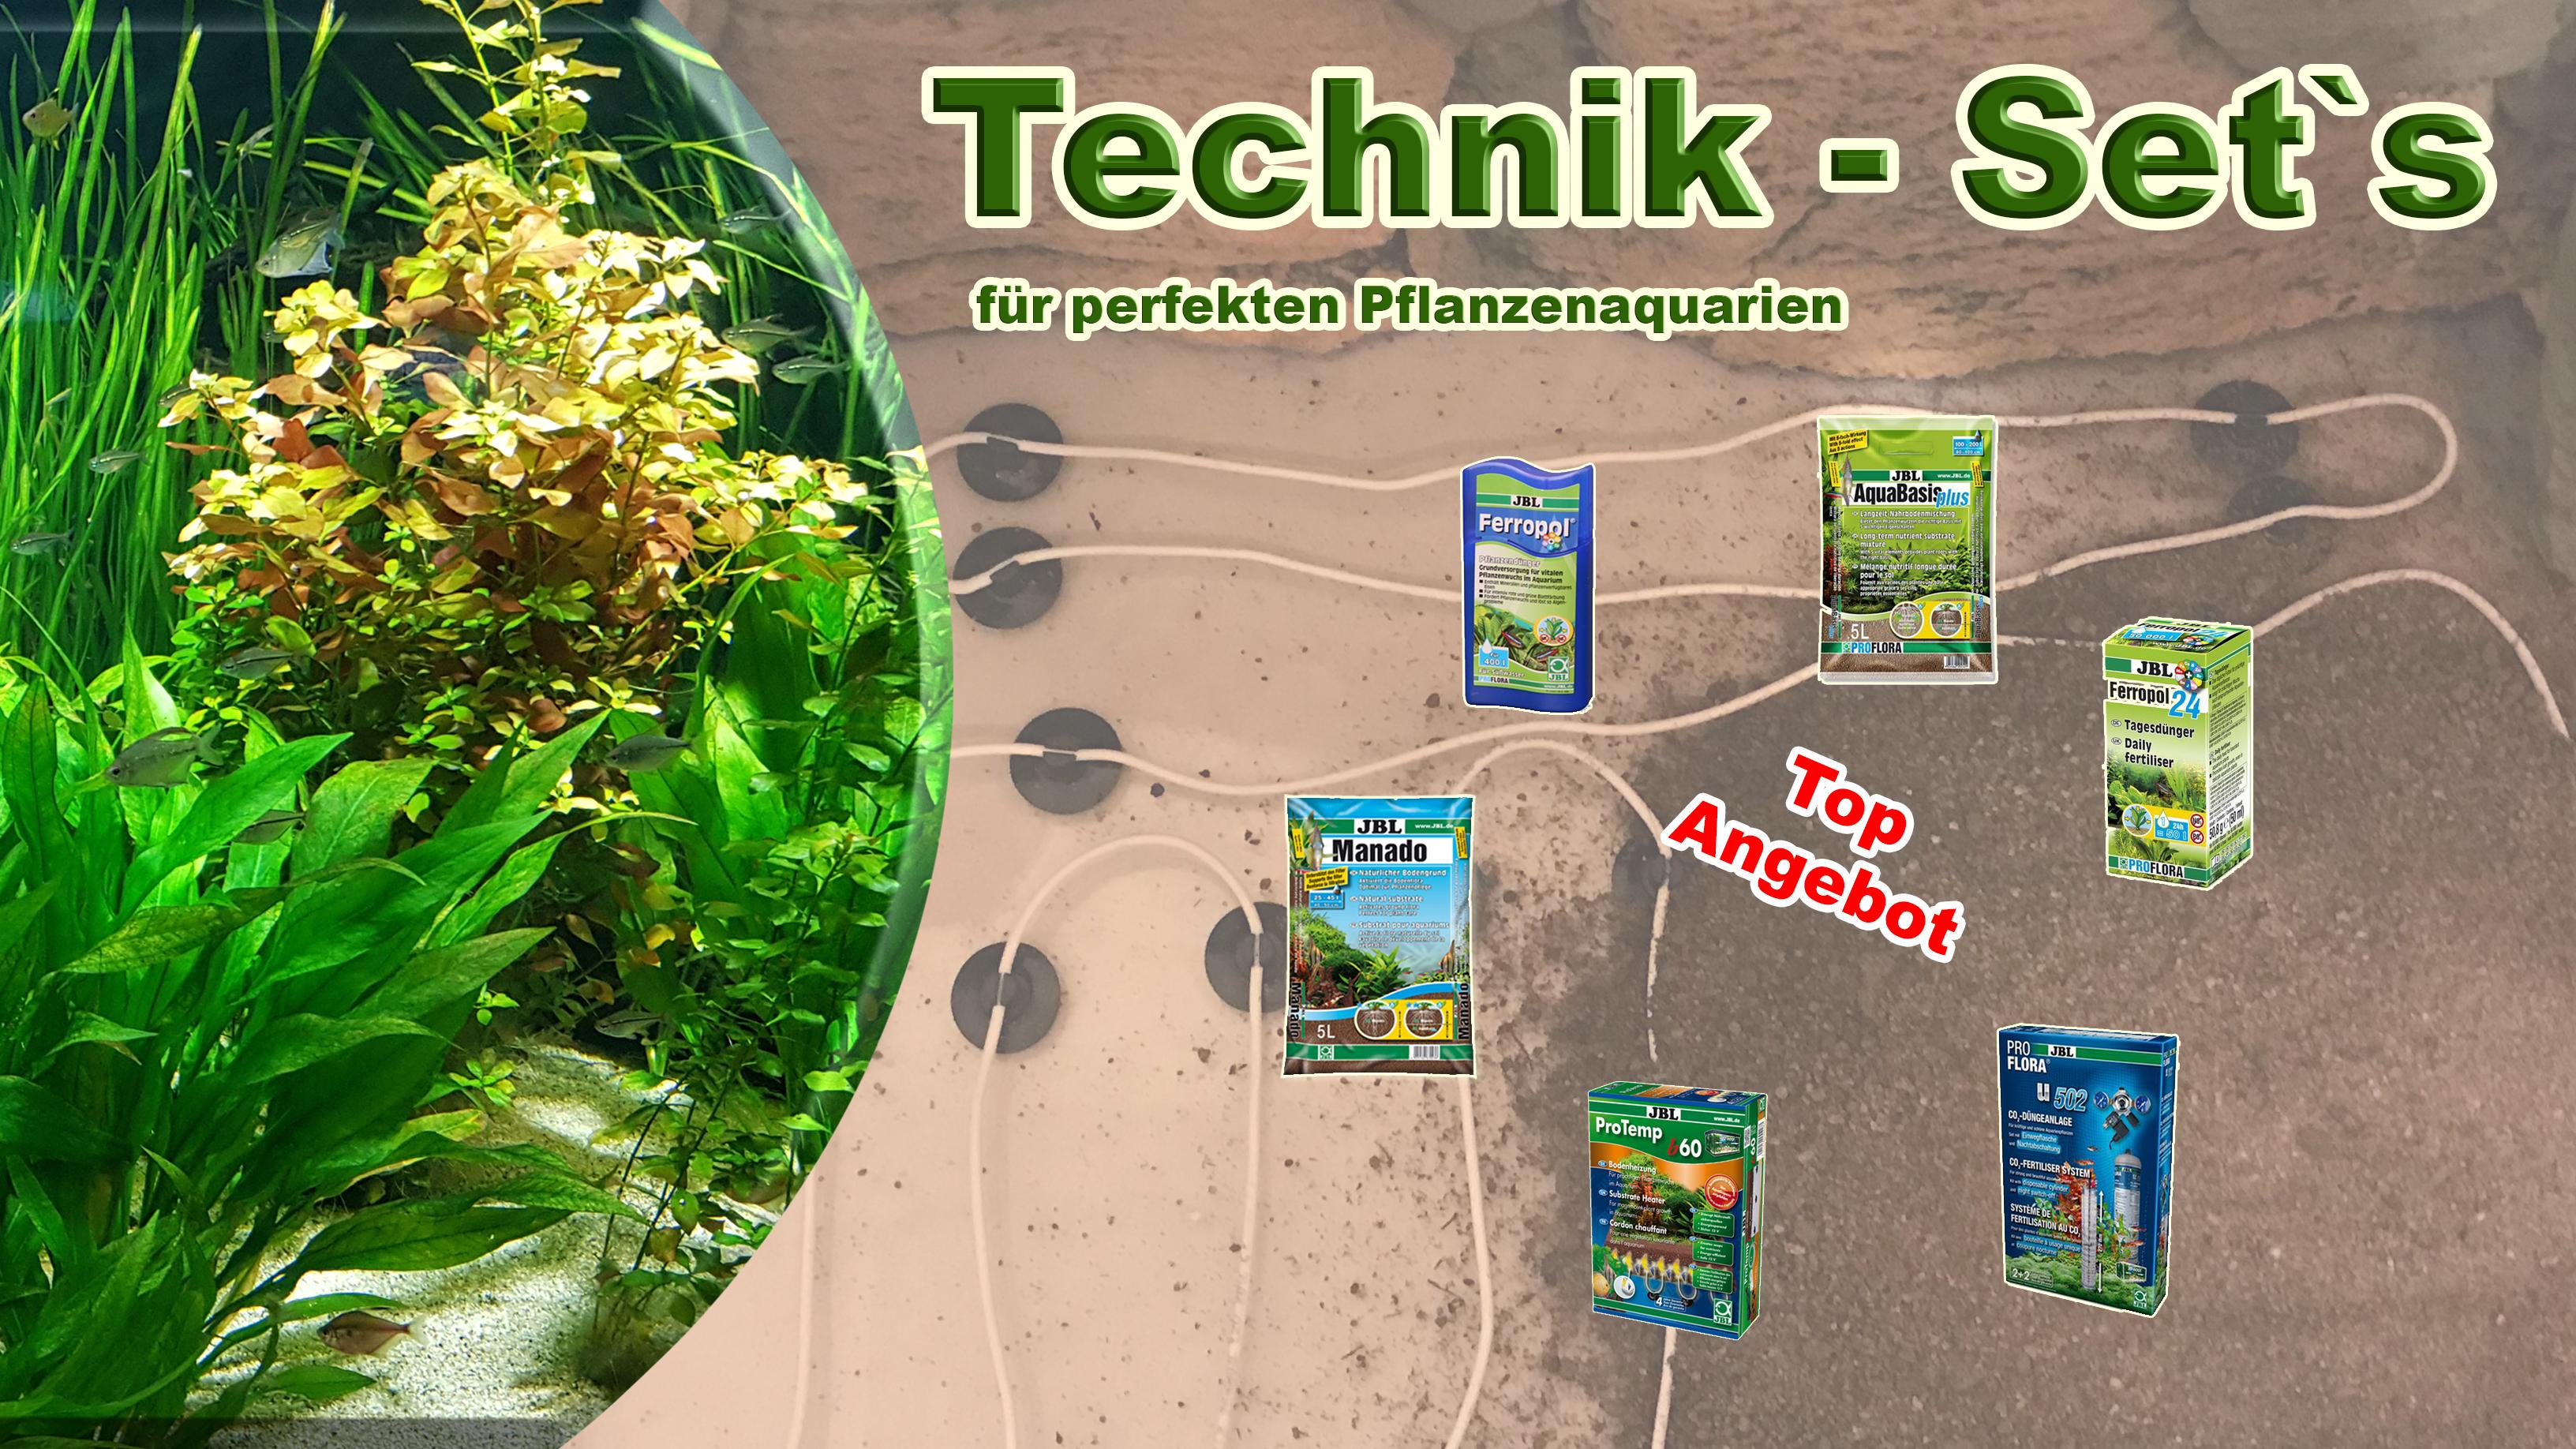 Technik-Set für Pflanzenaquarien